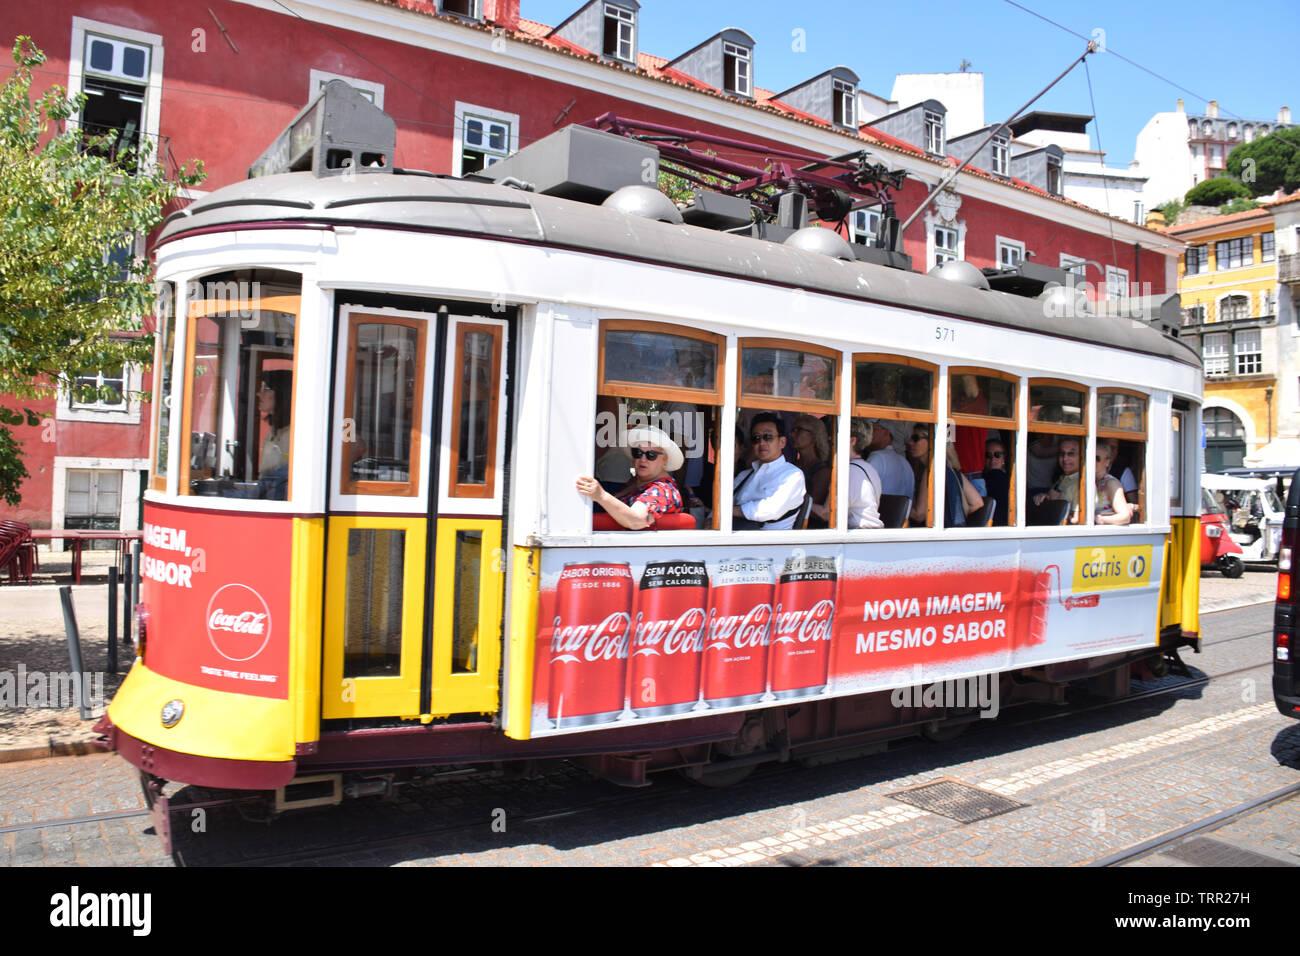 12E tram, Largo das Portas do Sol, Lisbona, Portogallo, Giugno 2019 Immagini Stock